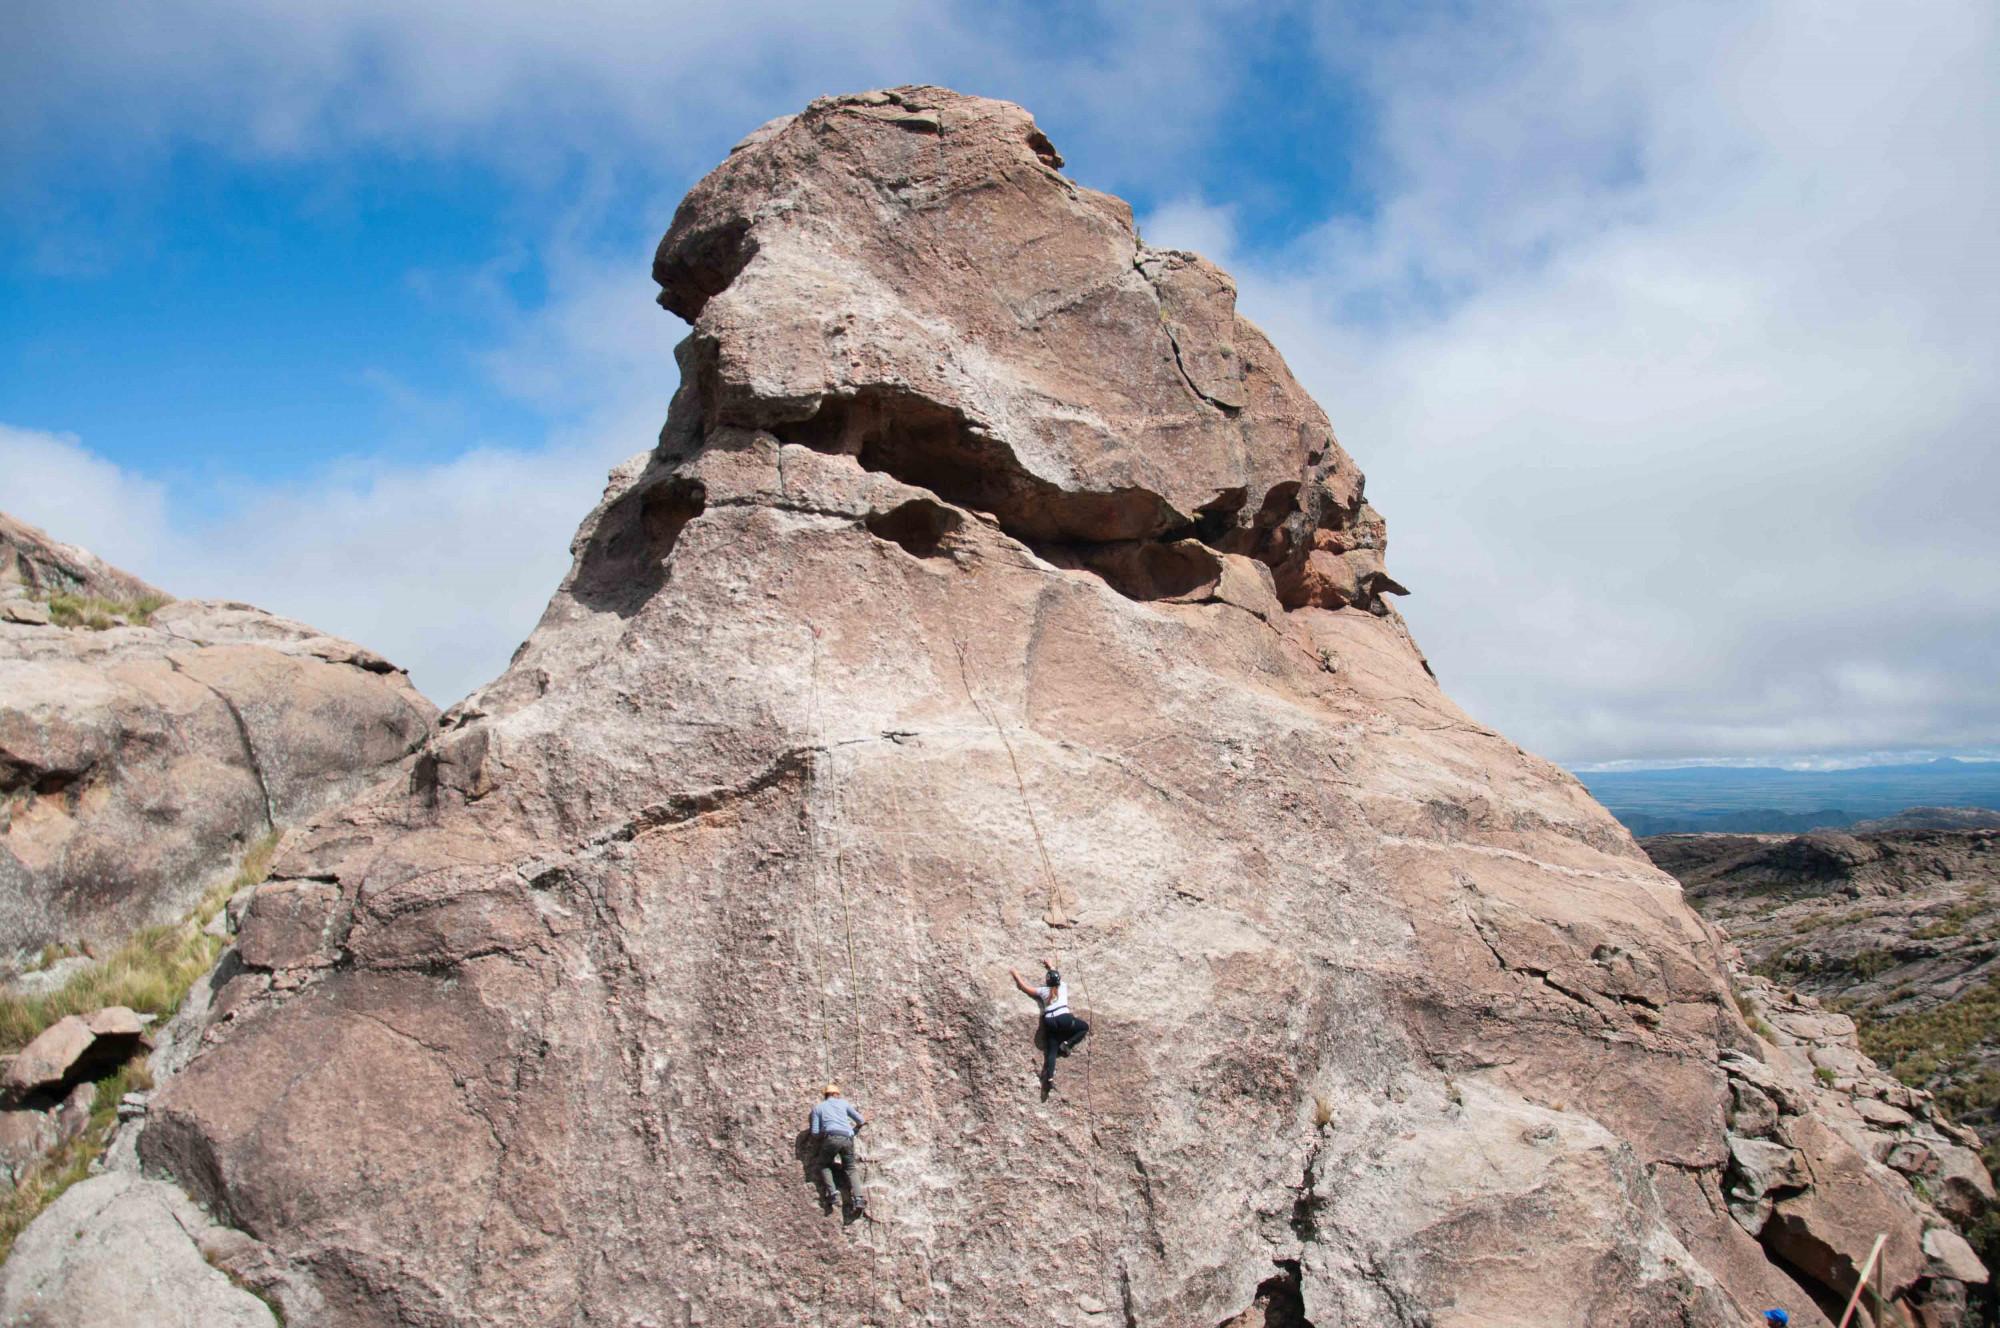 Escaladas en las Altas Cumbres: perspectivas visuales en 360°